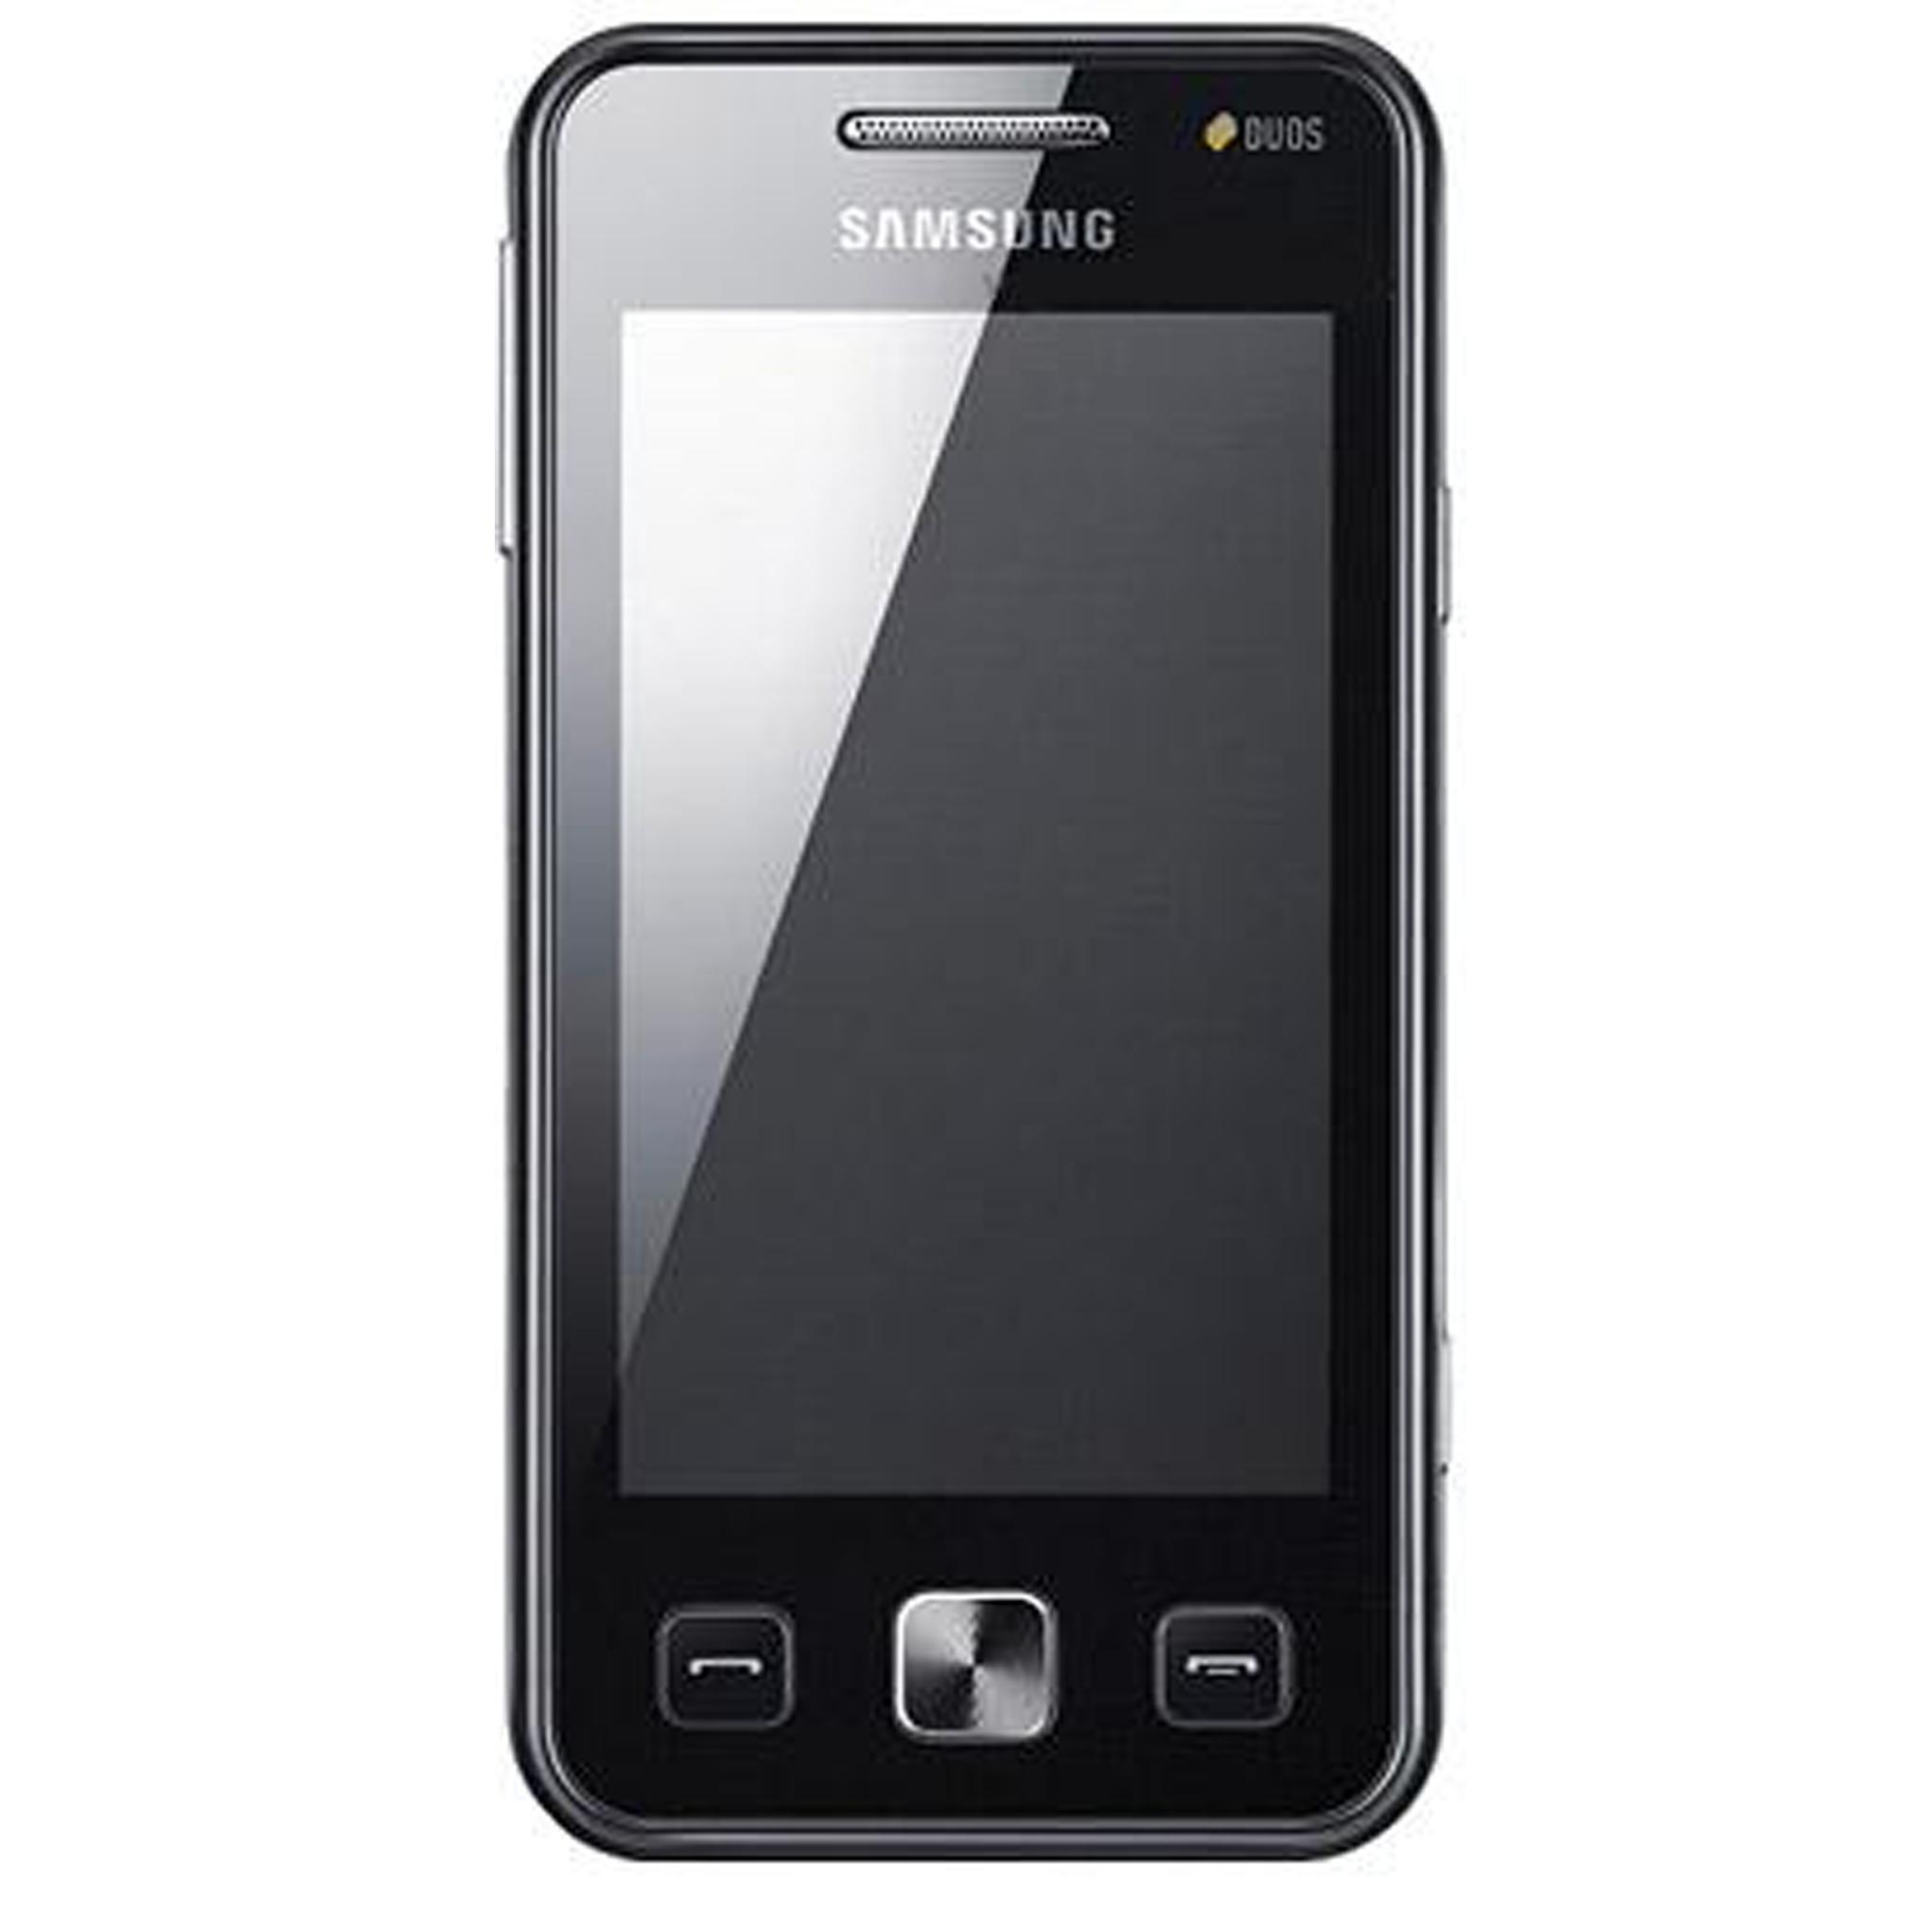 Самсунг старые сенсорные модели телефонов фото